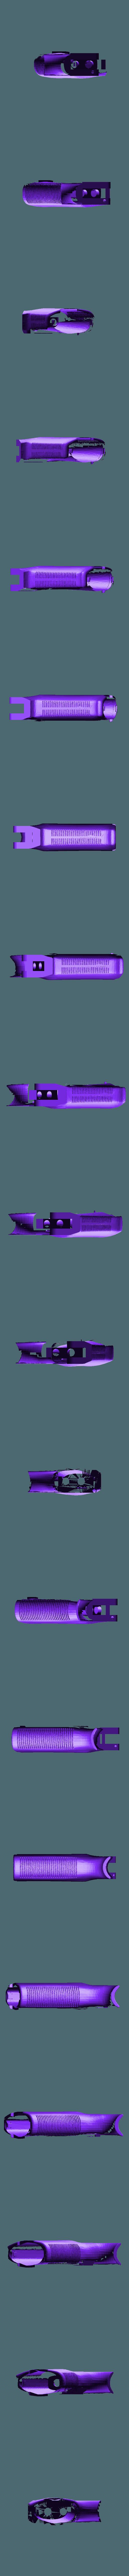 magpul ar 15 grip 2pt.stl Télécharger fichier STL gratuit Poignée de plate-forme AR • Design imprimable en 3D, idy26